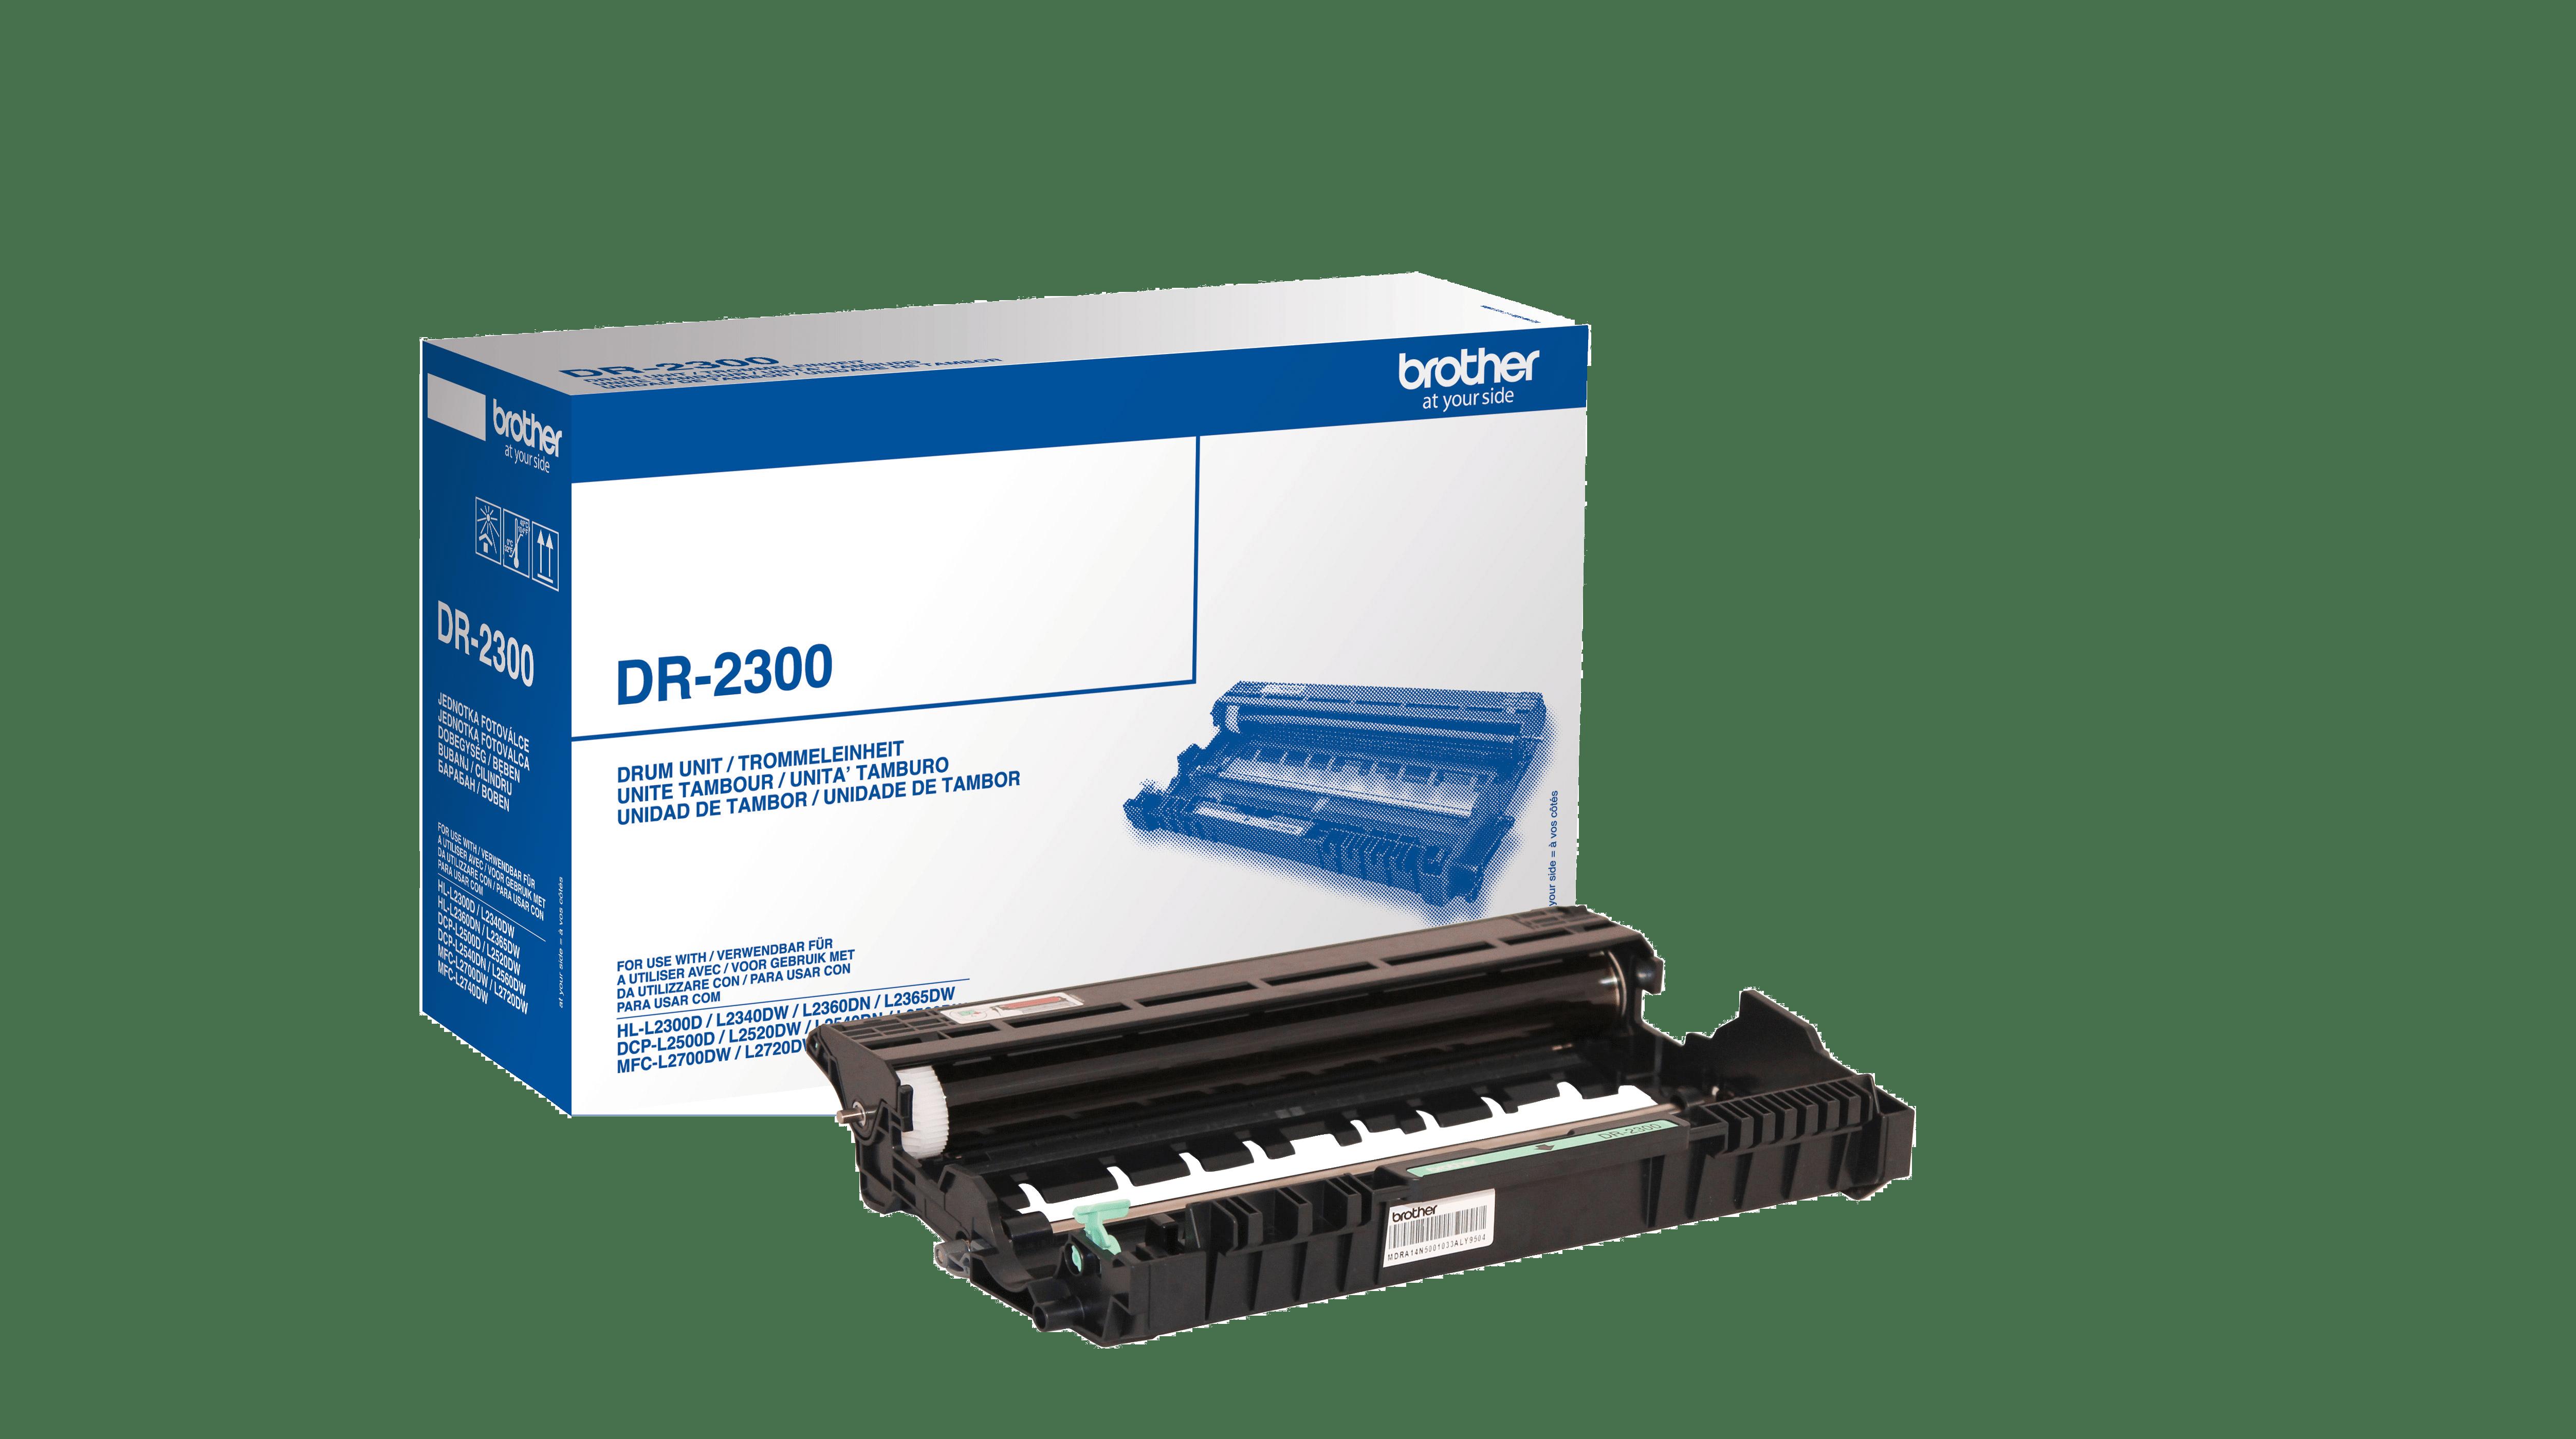 Originele Brother DR-2300 drum unit